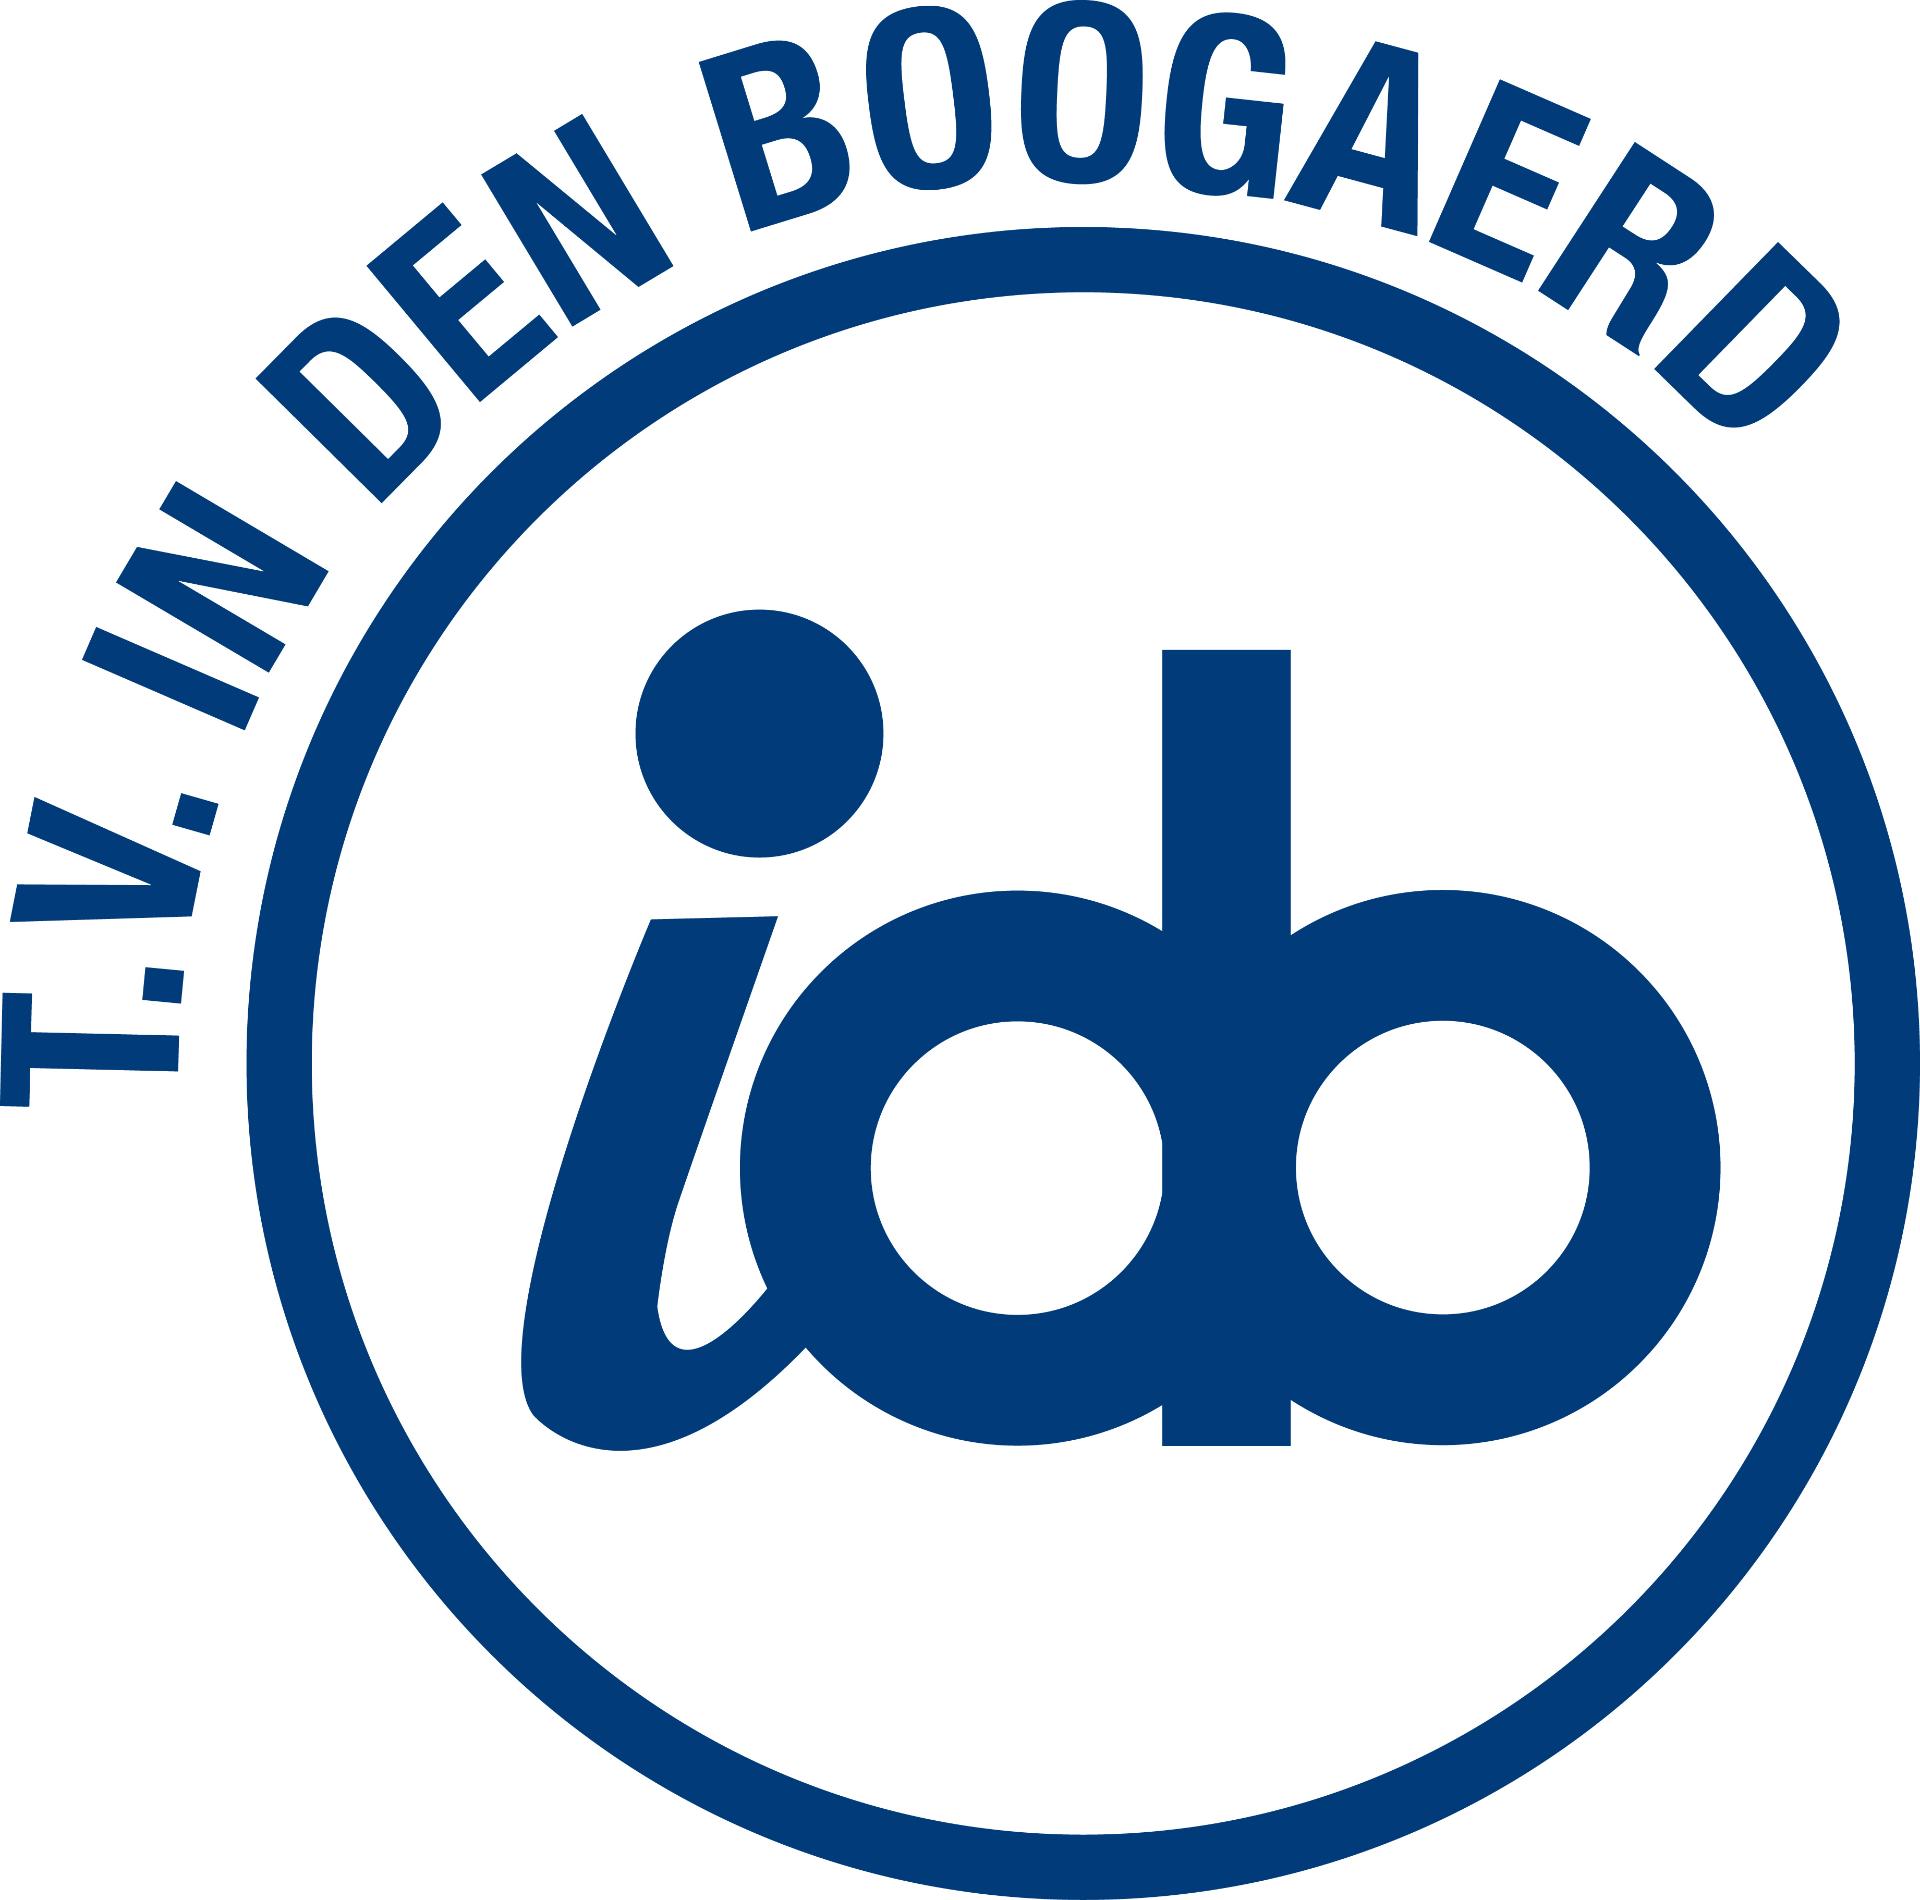 T.V. In den Boogaerd